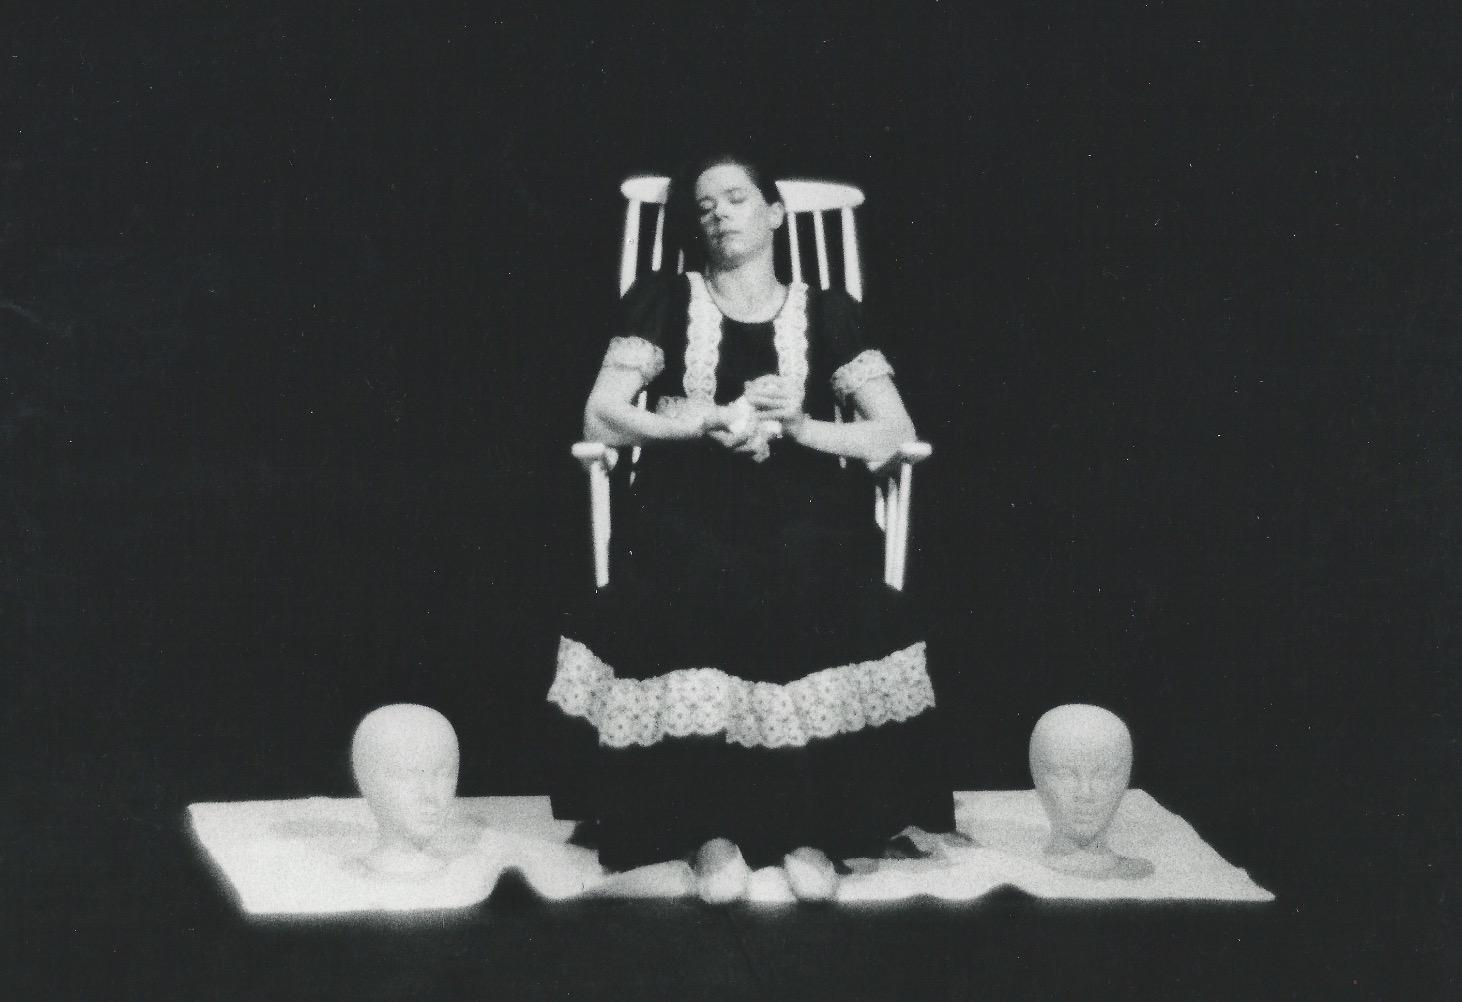 Bone China (1975)